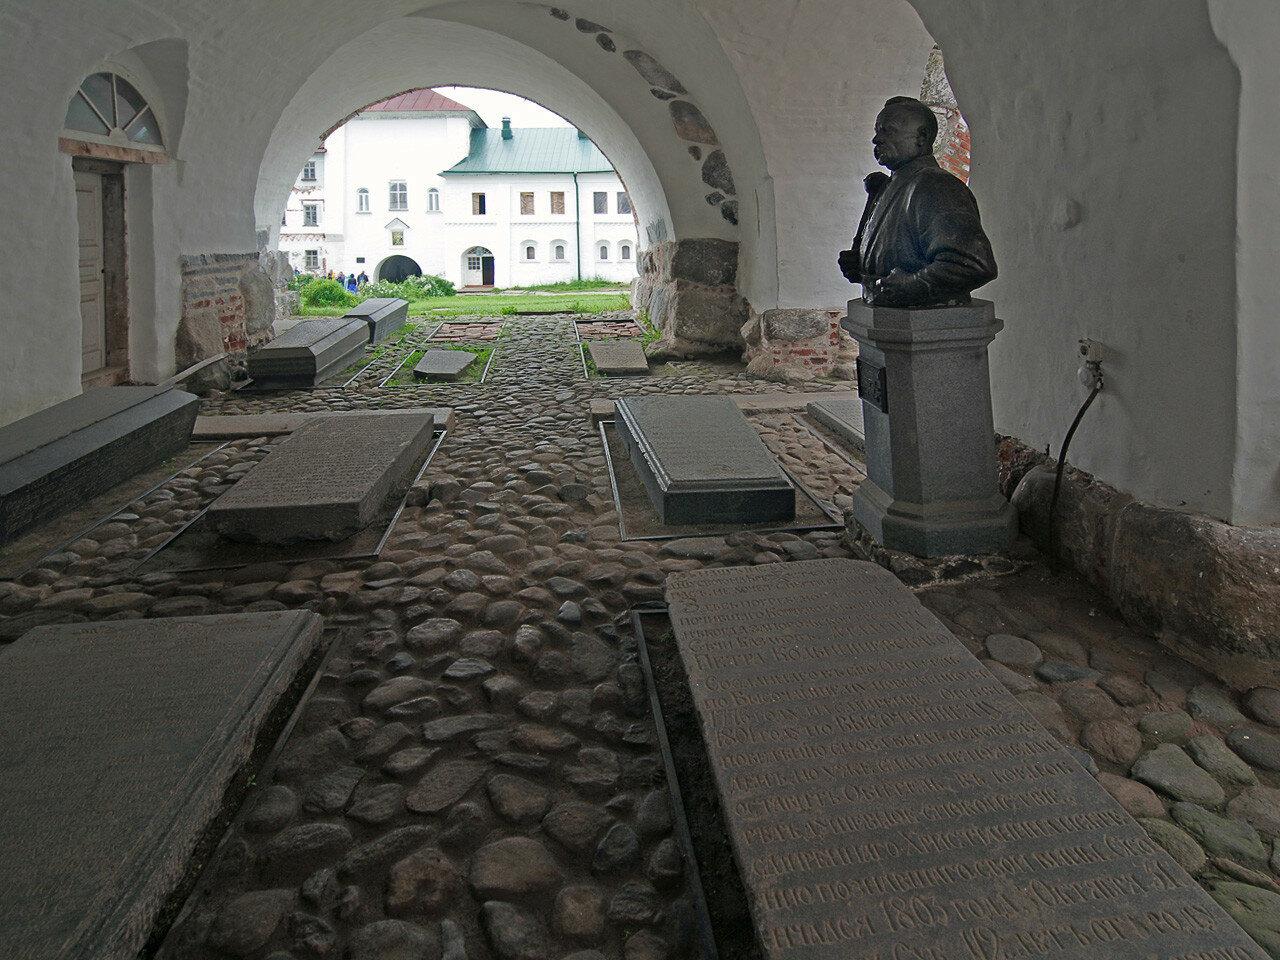 Соловецкий монастырь. Автор фото: Юрий Семенов